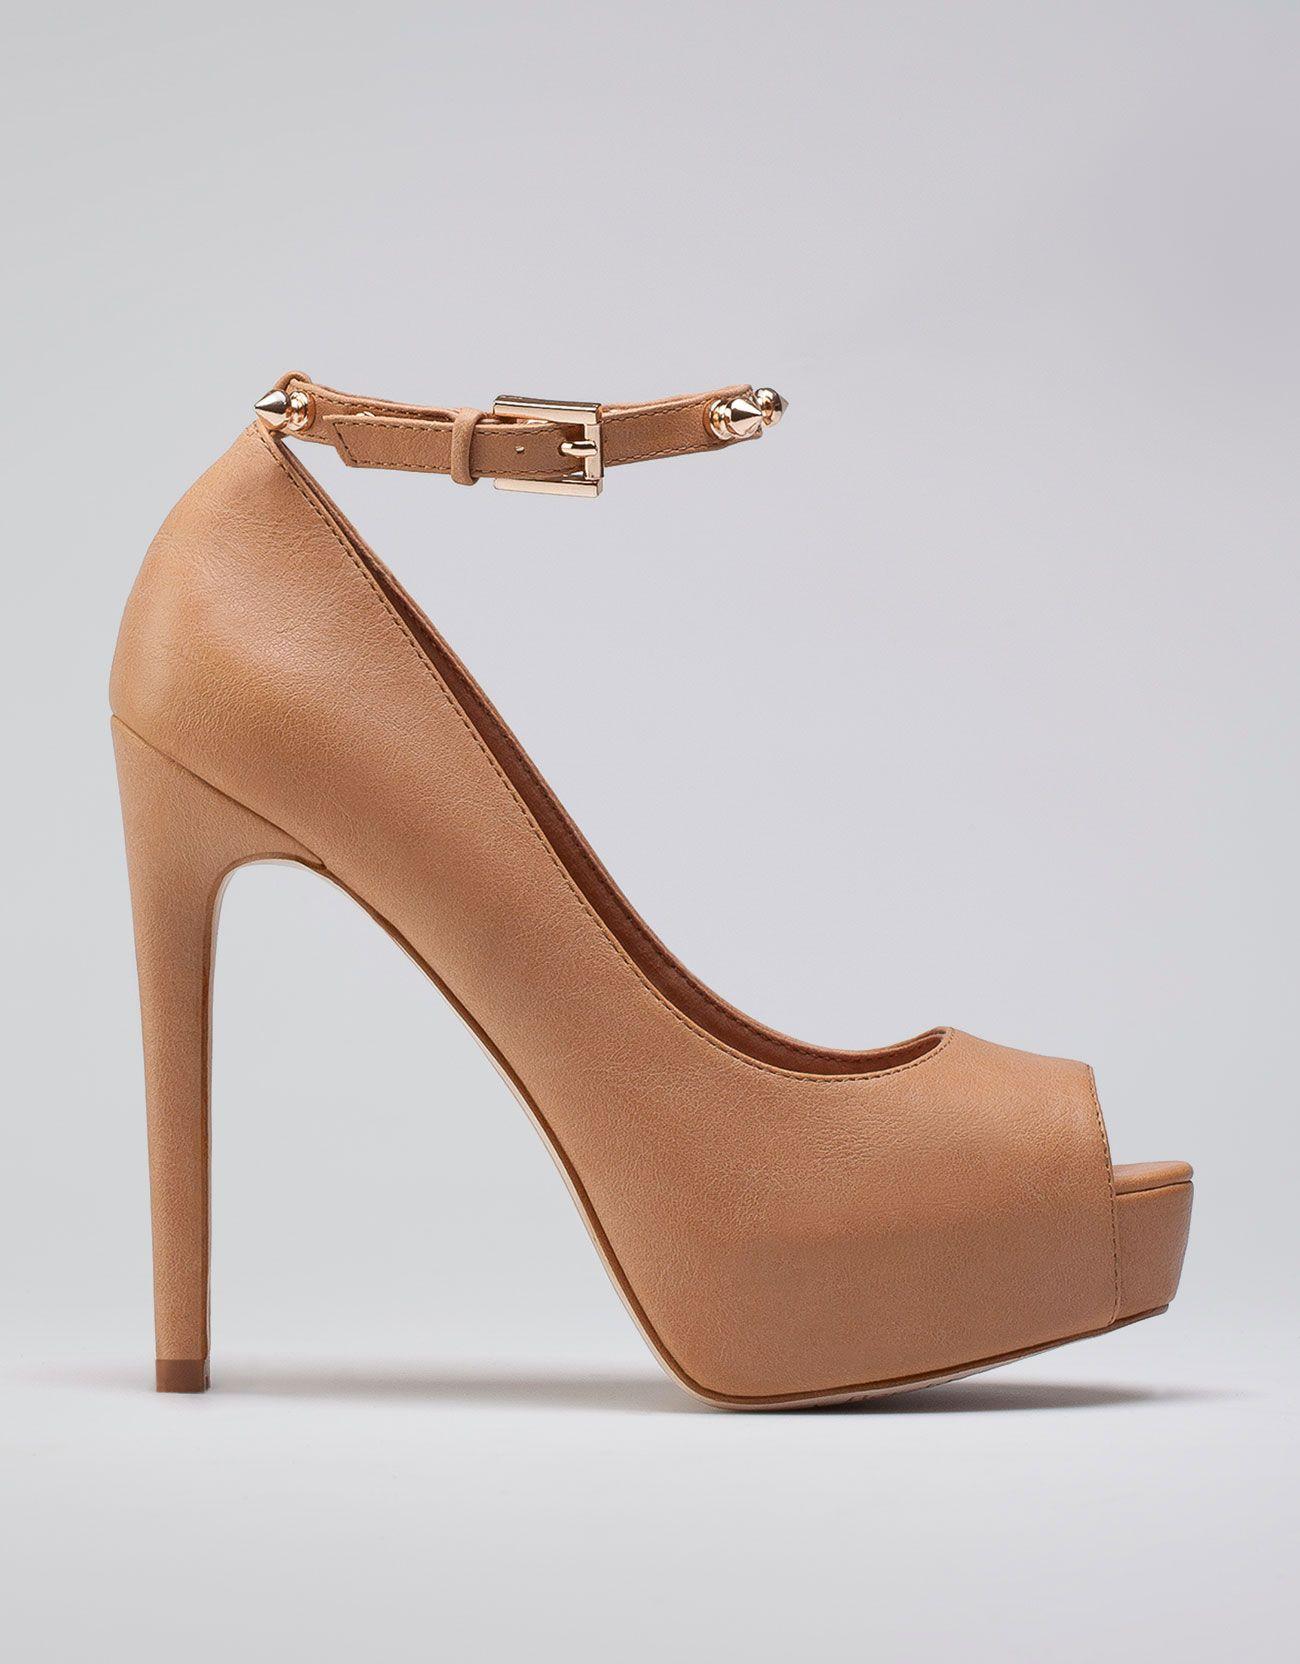 Peep toe heels, Peep toe pumps, Ankle